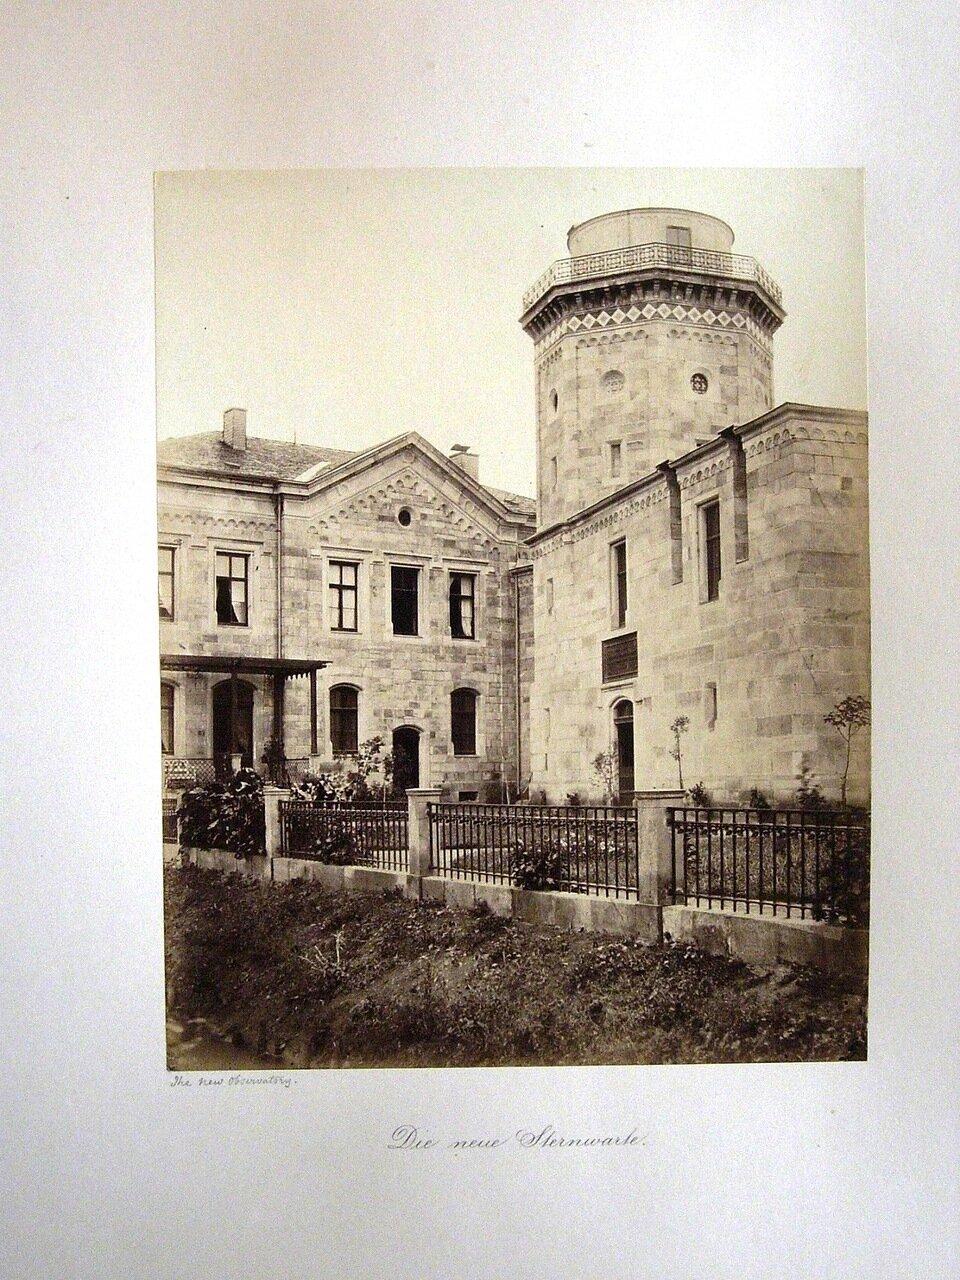 Die neue Sternwarte. [Photographs of Gotha, 1858. ]